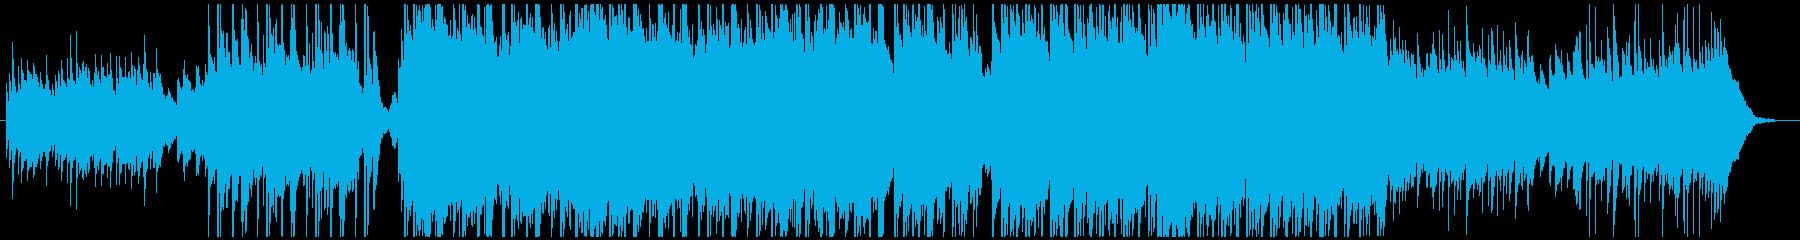 しっとりとした曲調のピアノインストの再生済みの波形